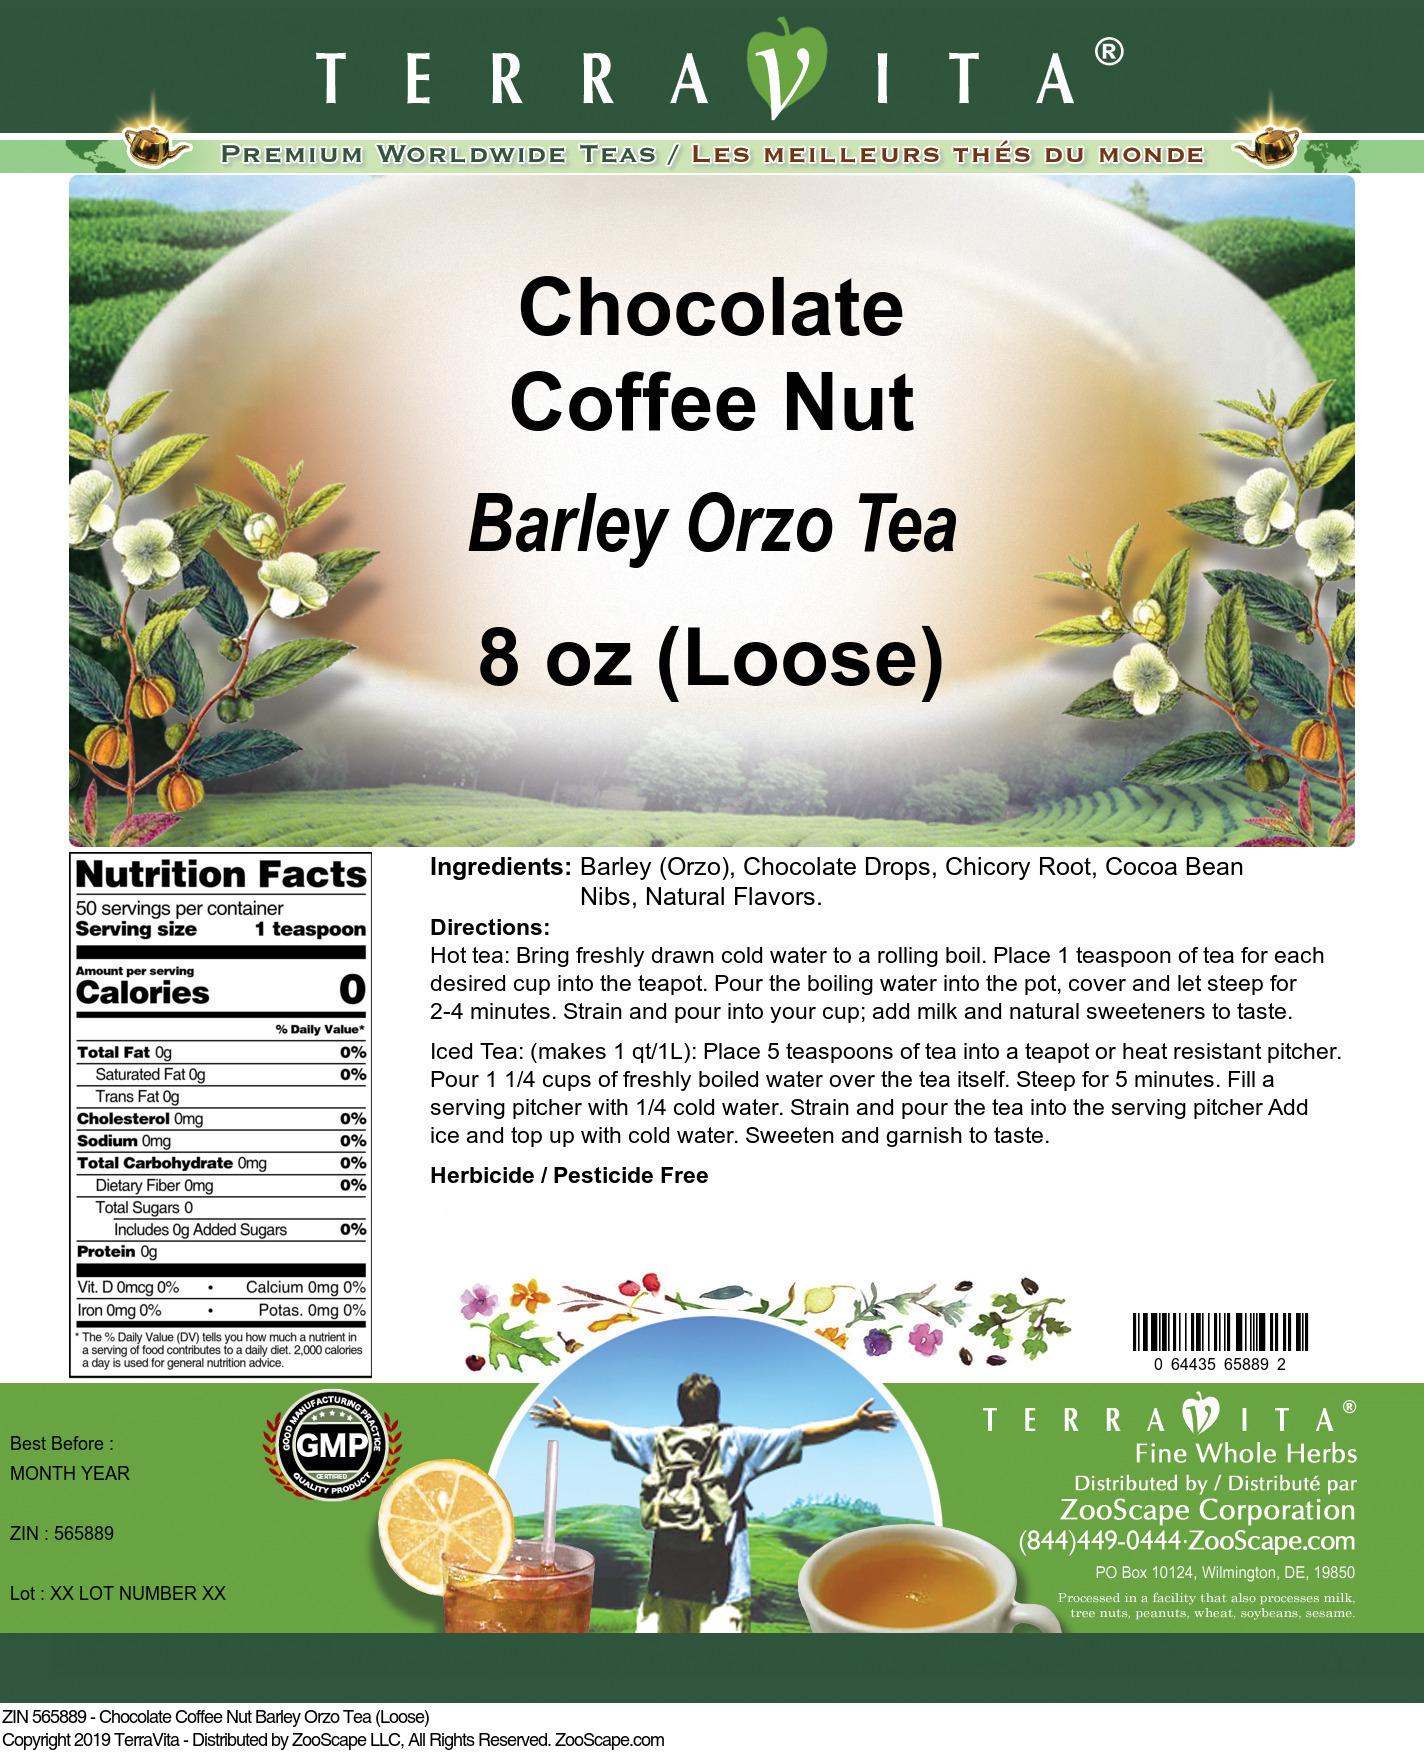 Chocolate Coffee Nut Barley Orzo